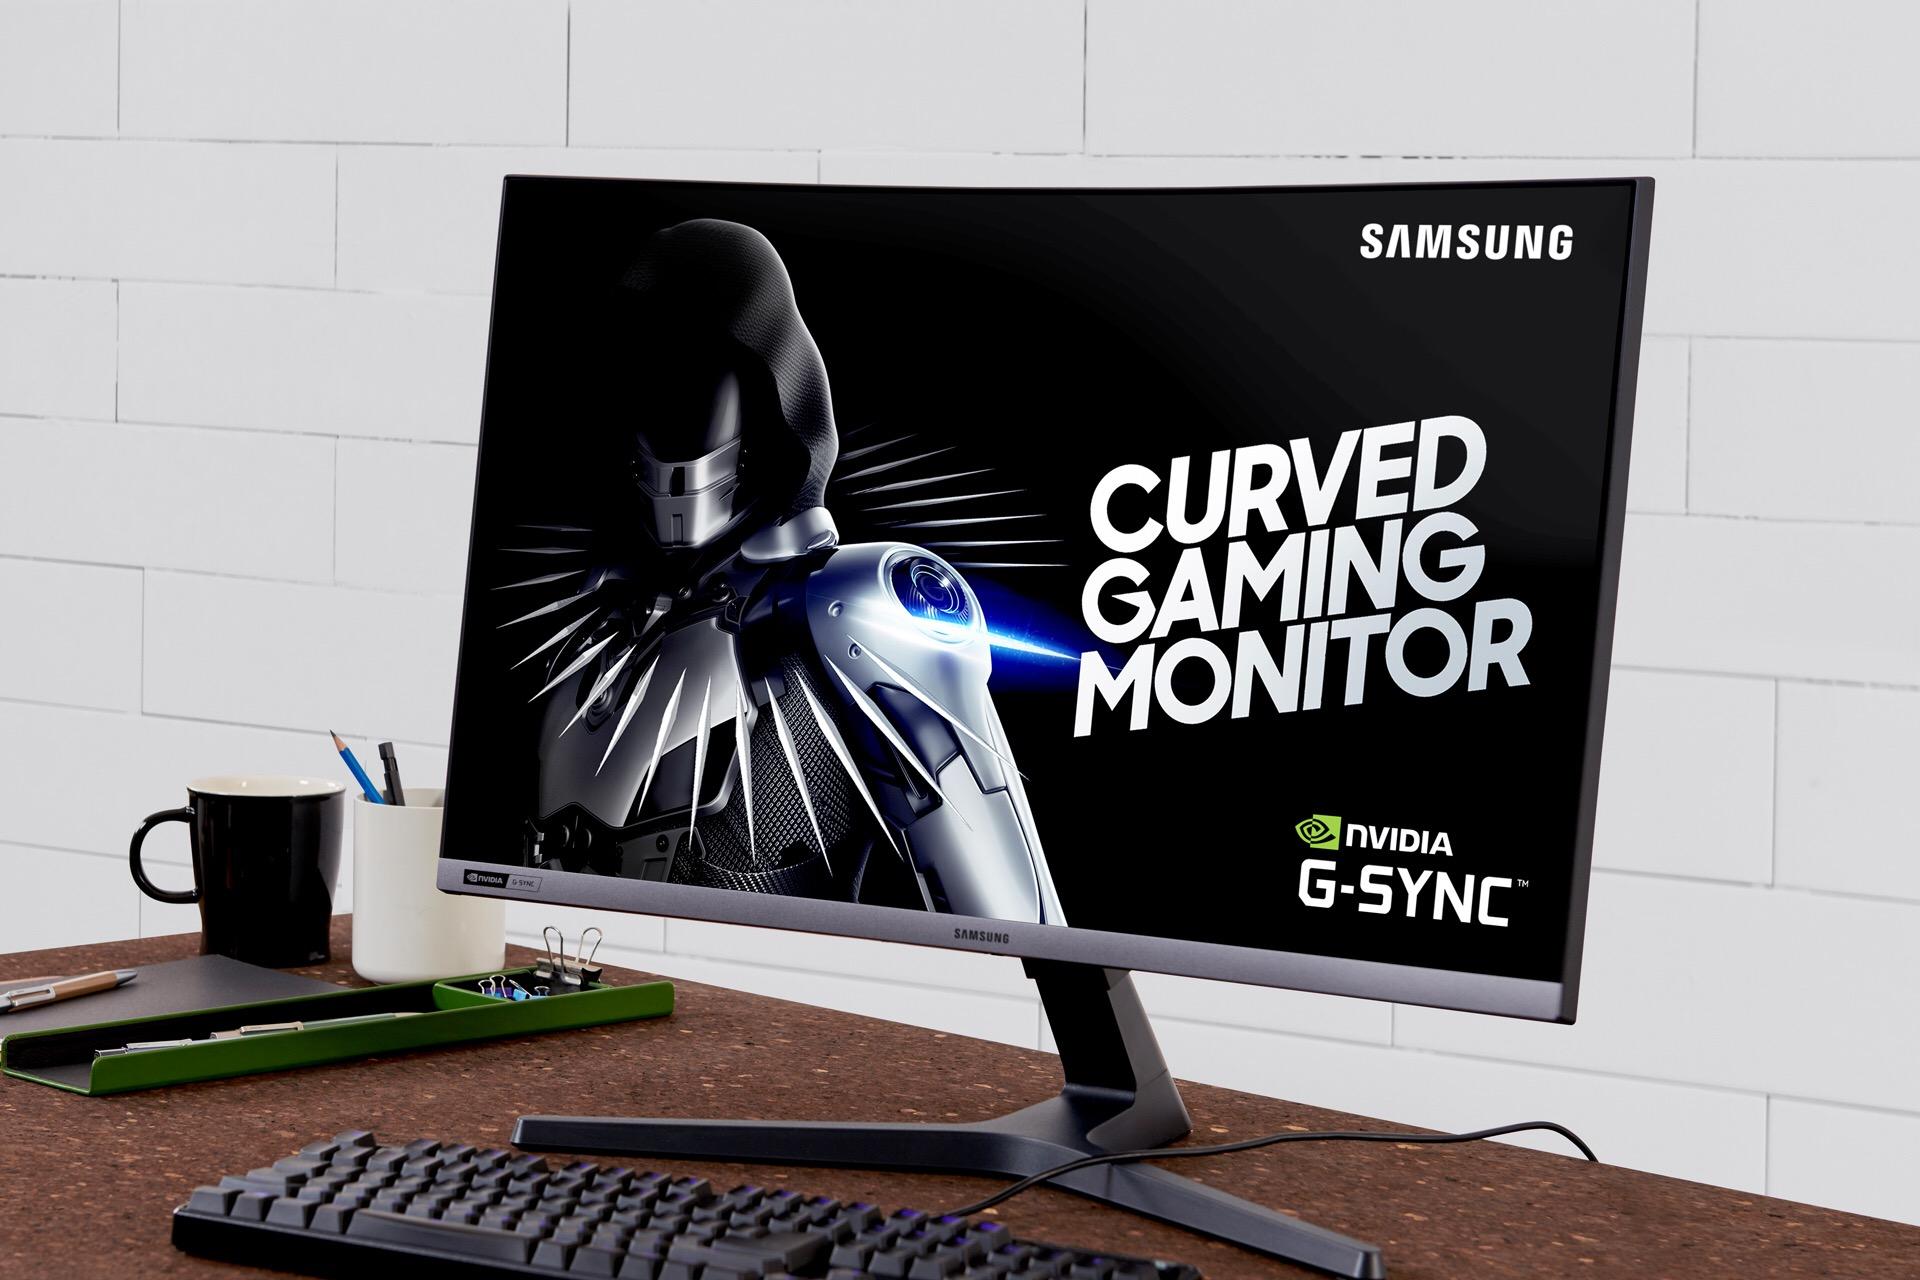 """صورة """"سامسونج إلكترونيكس"""" تطلق شاشة الألعاب المنحنية CRG5 بتقنية G-Syncوبمعدل تحديث فائق يبلغ 240 هيرتز"""